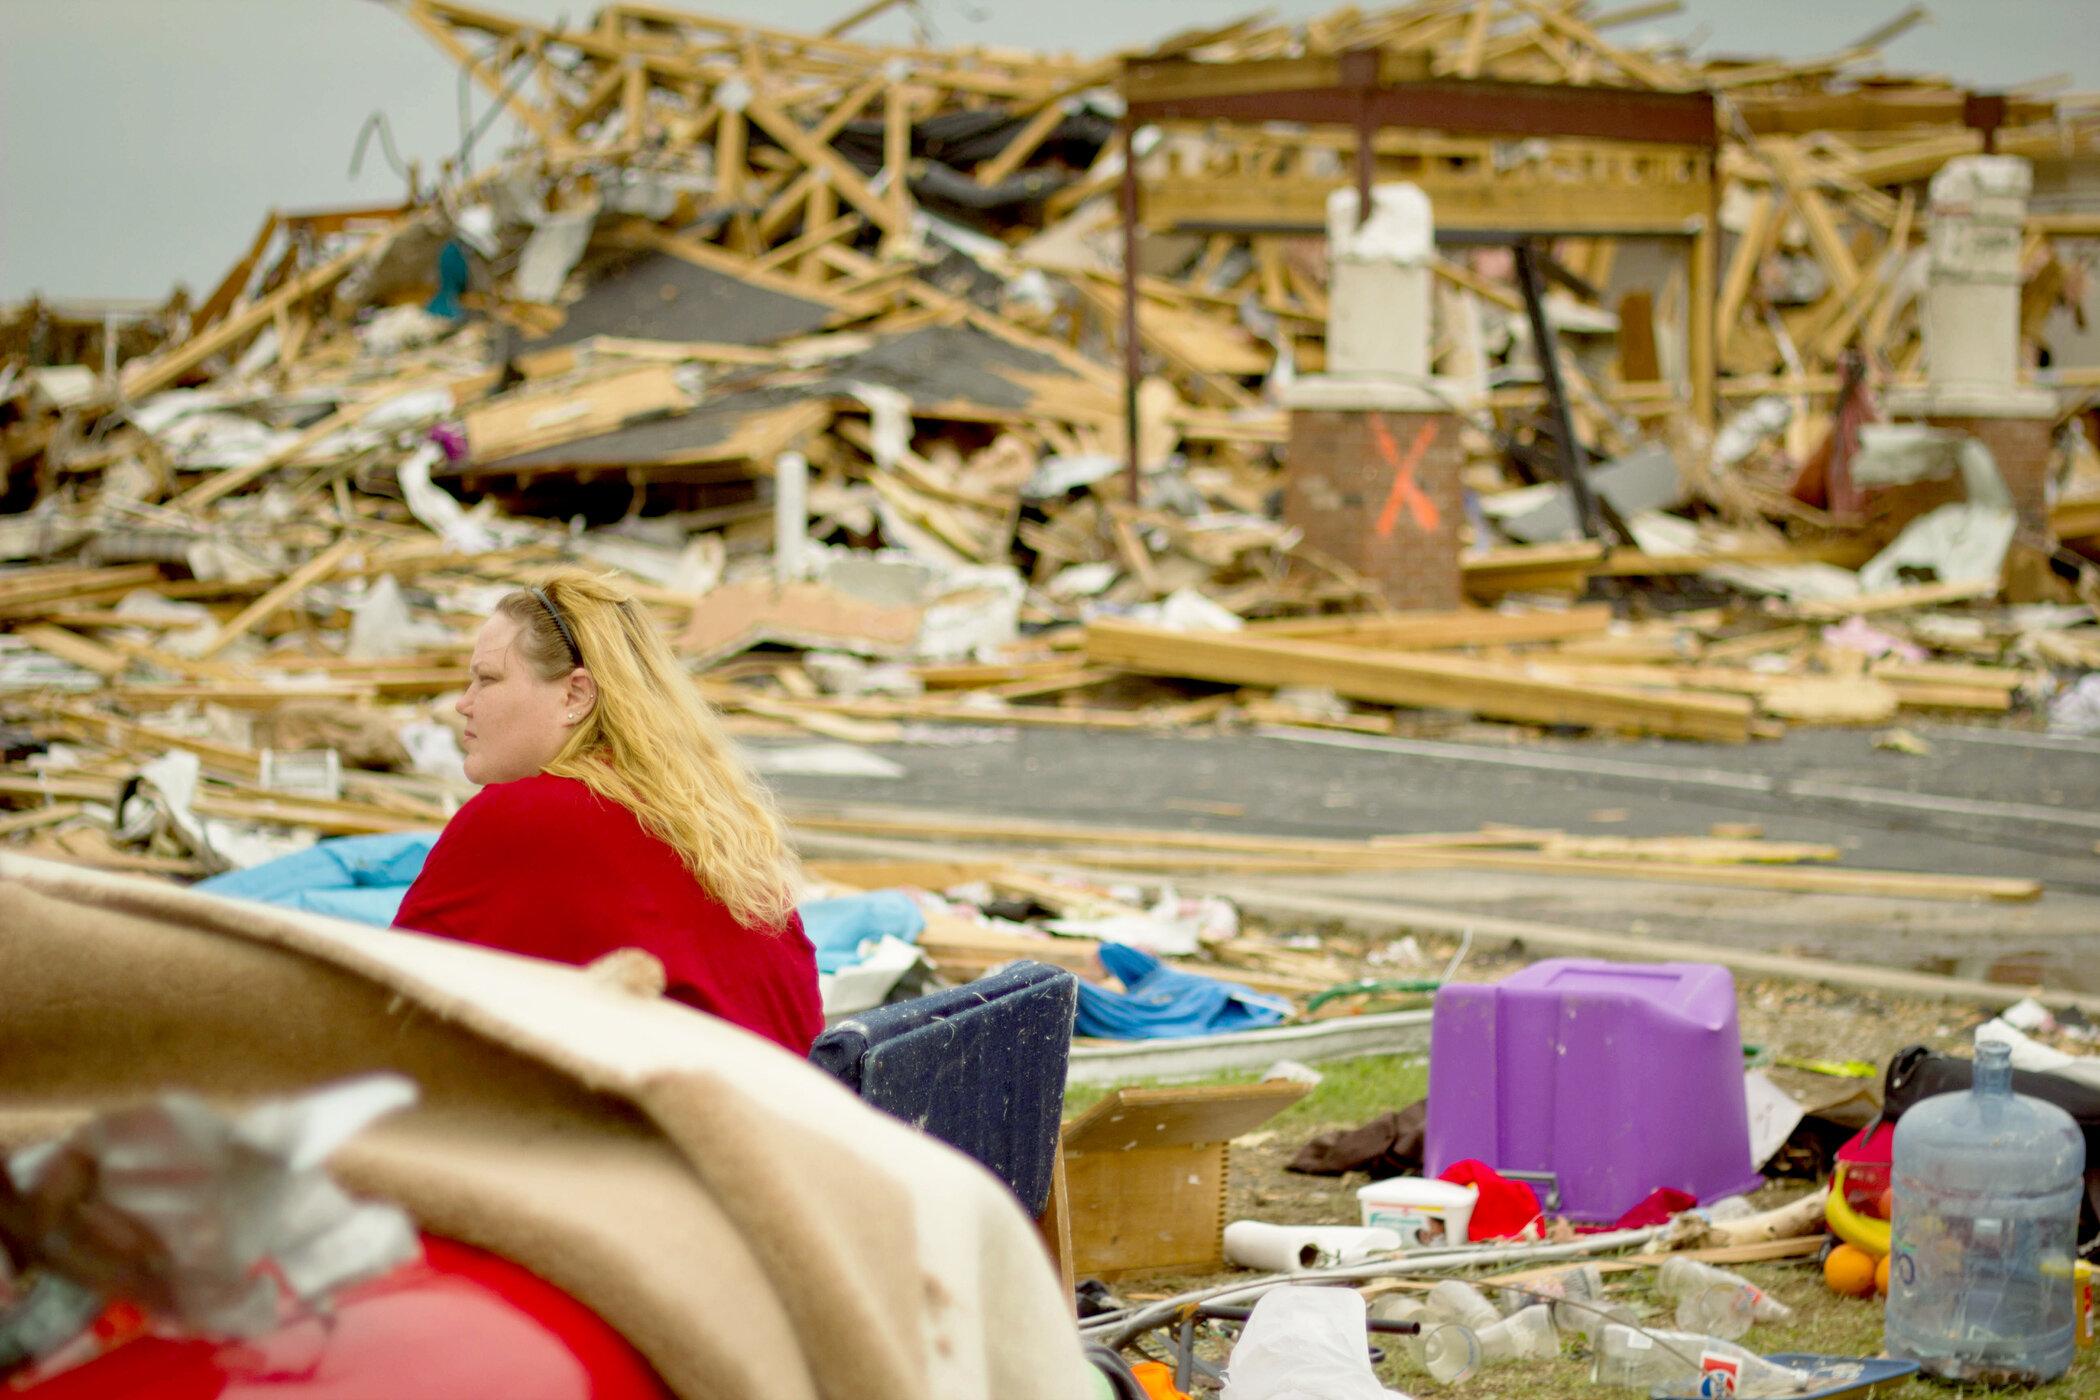 188-joplin-missouri-tornado.jpg